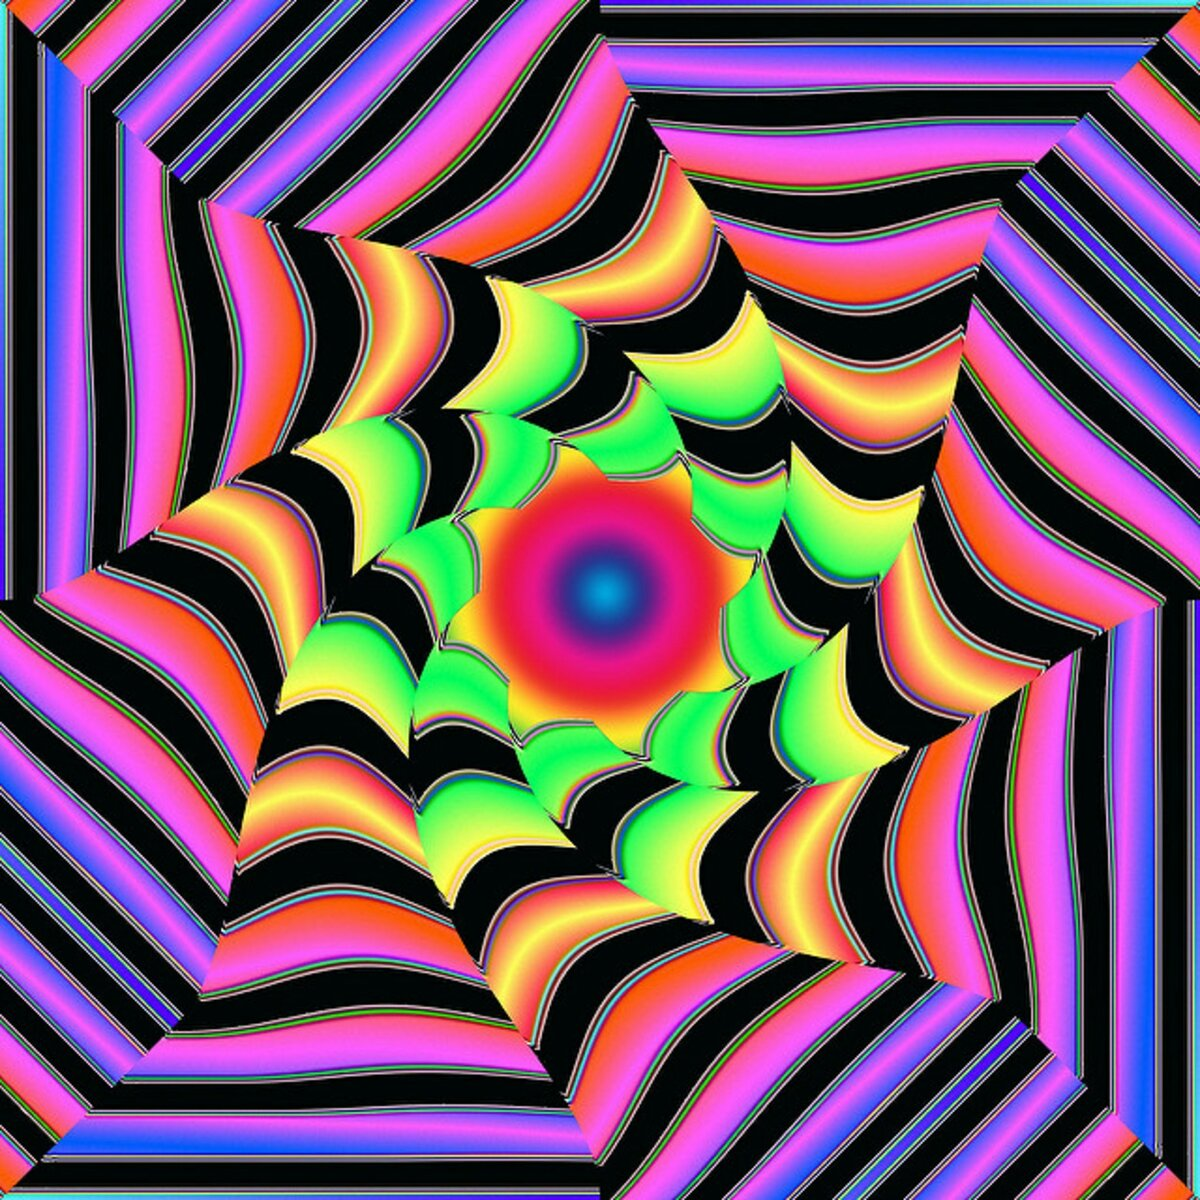 Гипноз: понятие, как работает, стадии гипноза, виды и техники ввода, мифы о гипнозе.